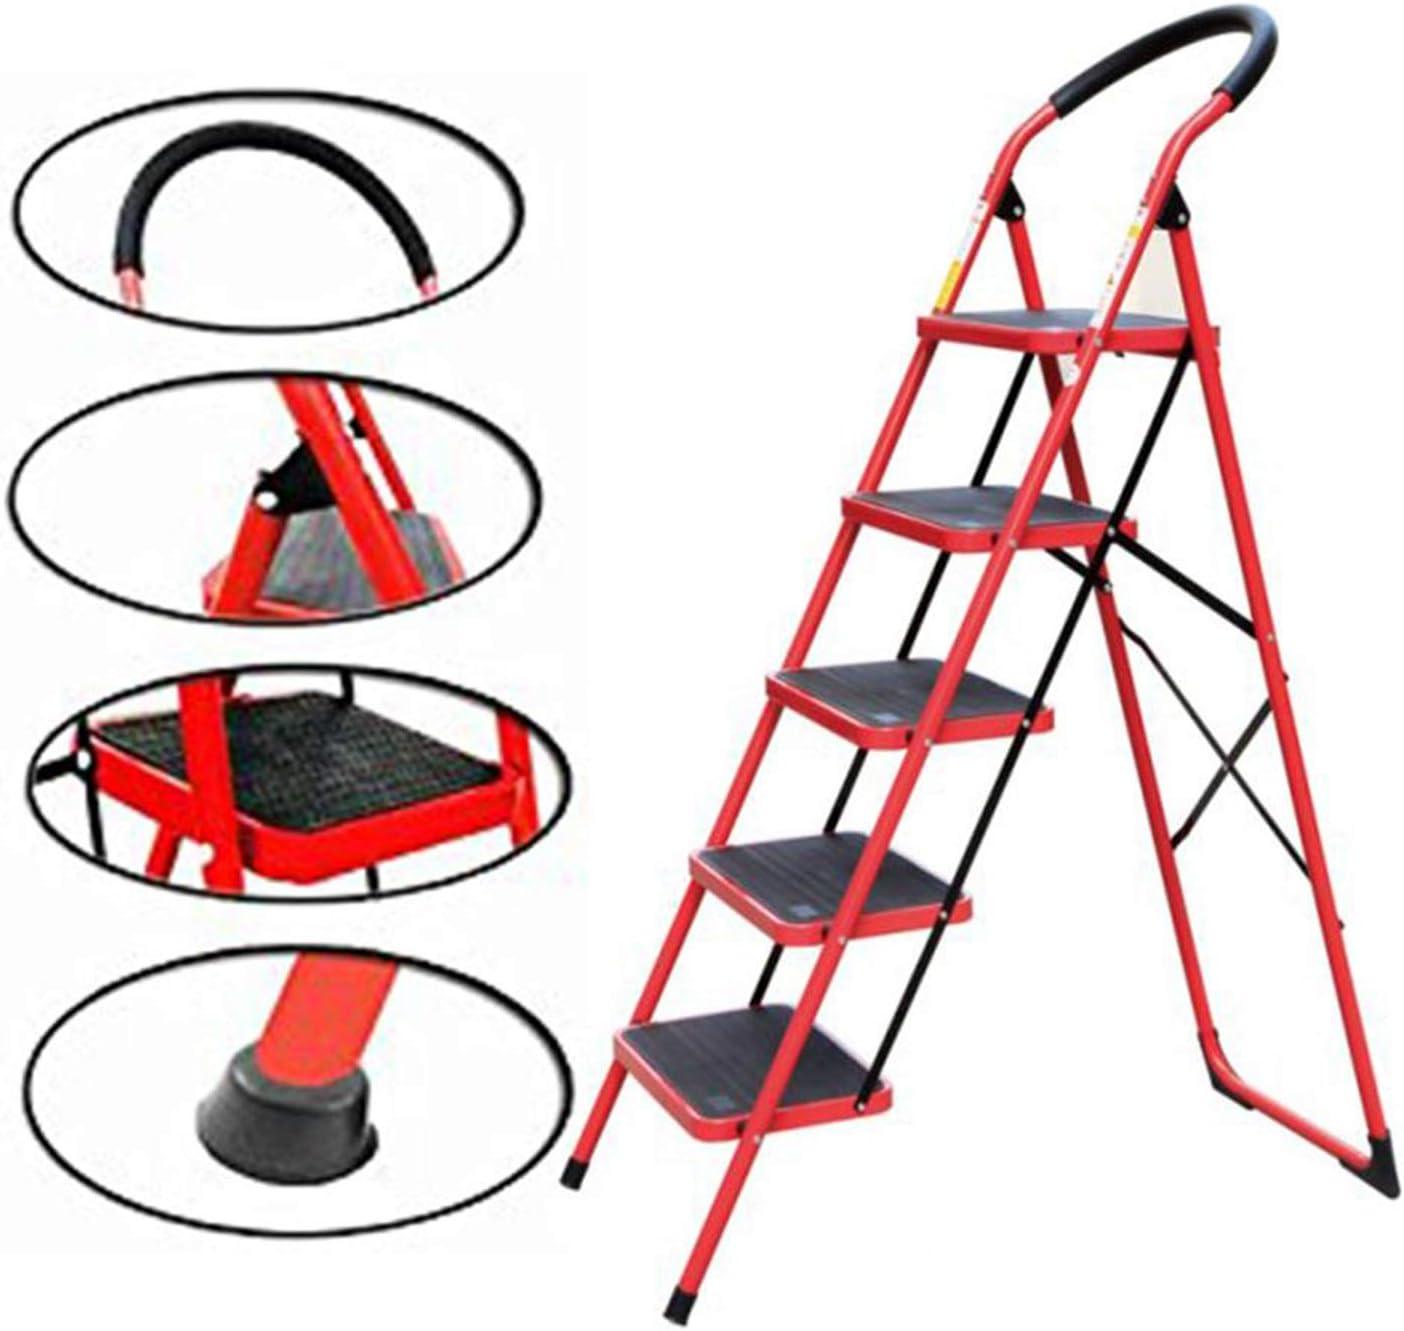 Gabz - Escalera multiusos para uso en interiores y exteriores, color rojo con agarre de mano, rojo: Amazon.es: Bricolaje y herramientas